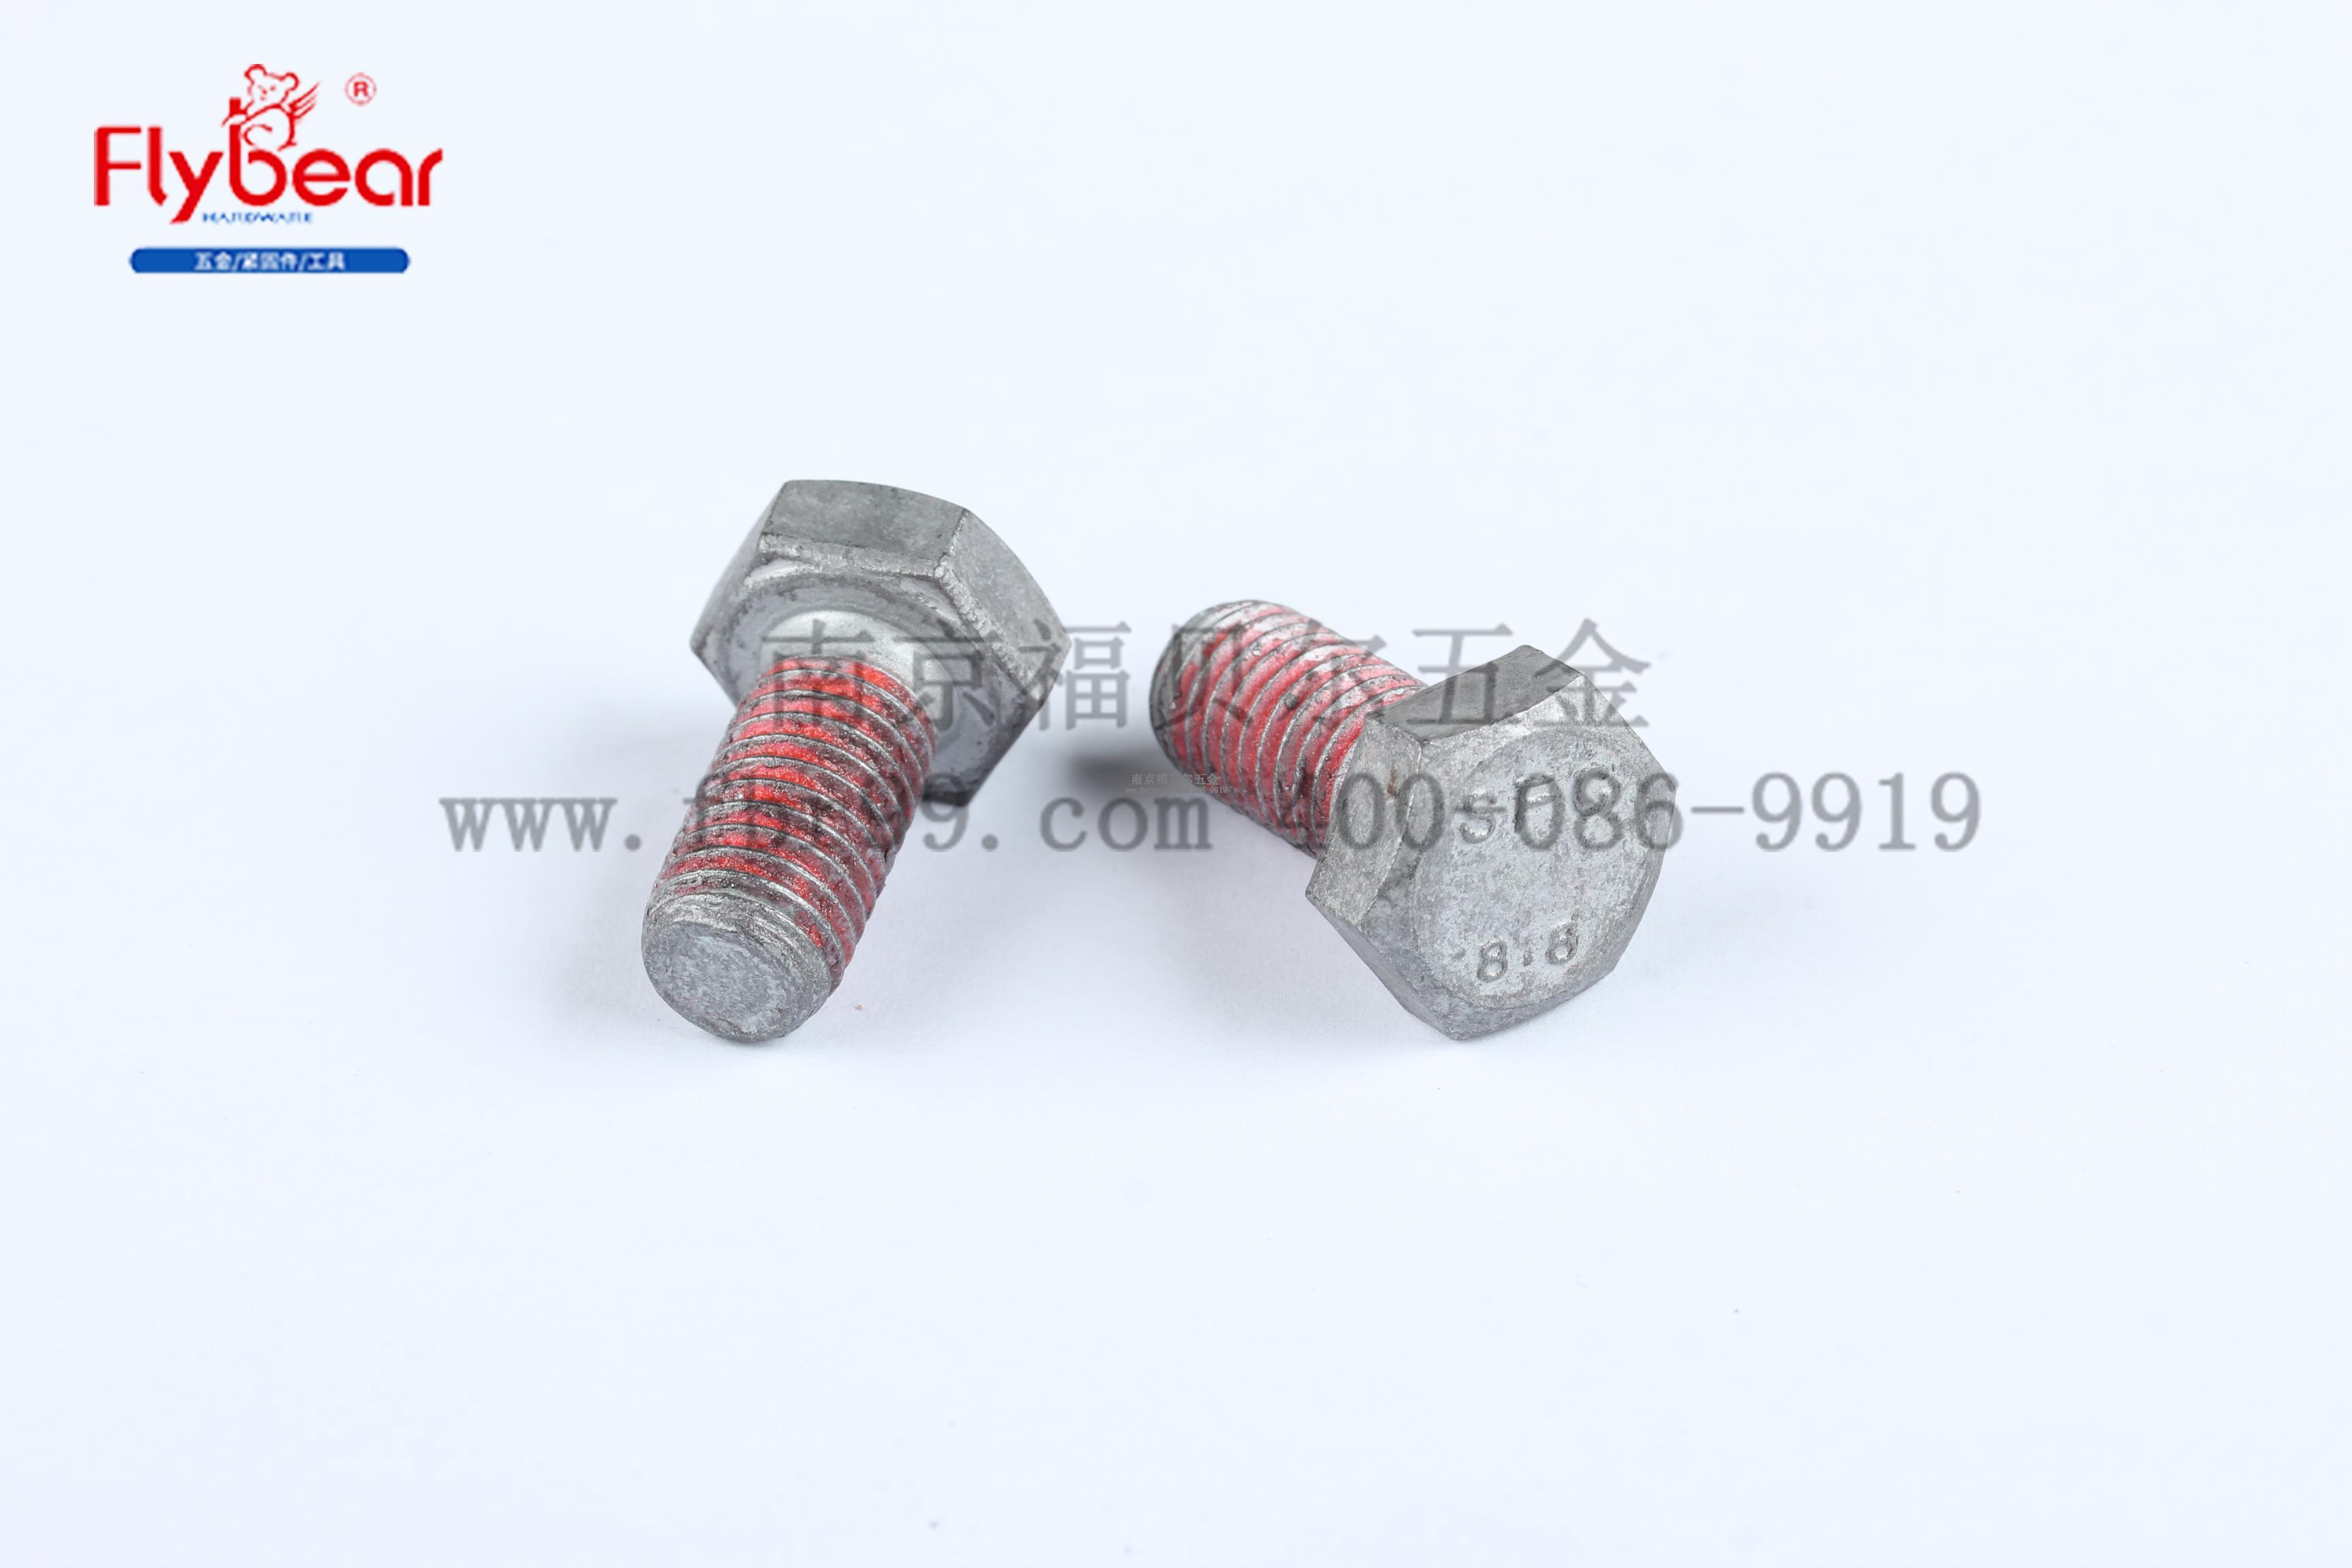 GB5783 外六角全牙螺栓 碳钢8.8级 焦美特  涂胶